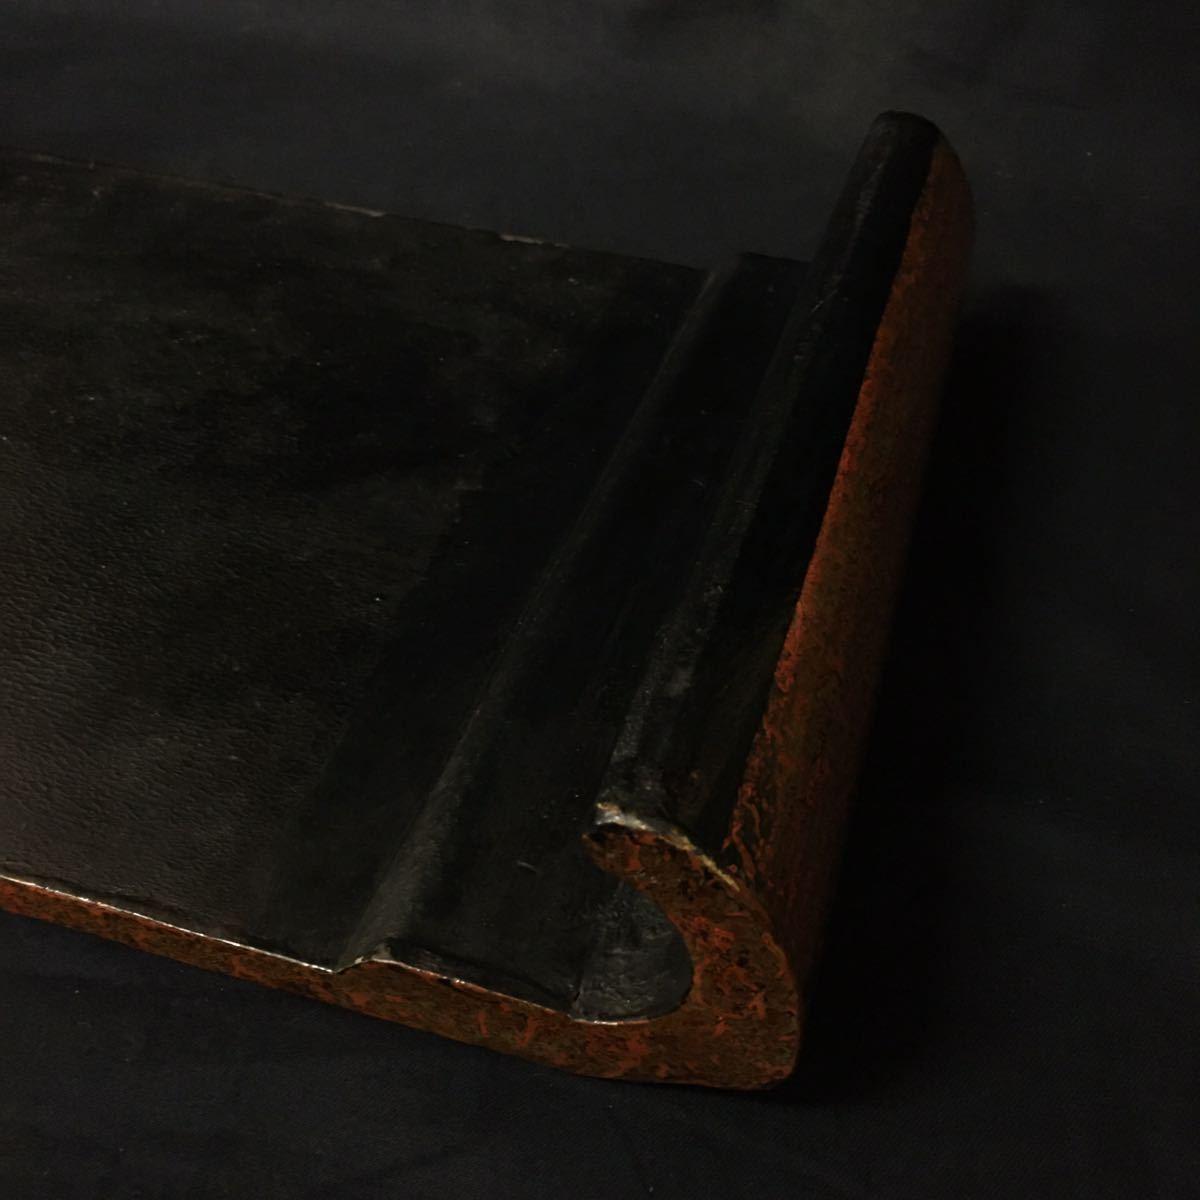 花台 盆栽台 平卓 飾台 香炉台 茶道具 長方型 和家具 古道具 骨董 古物 古美術 ②_画像6